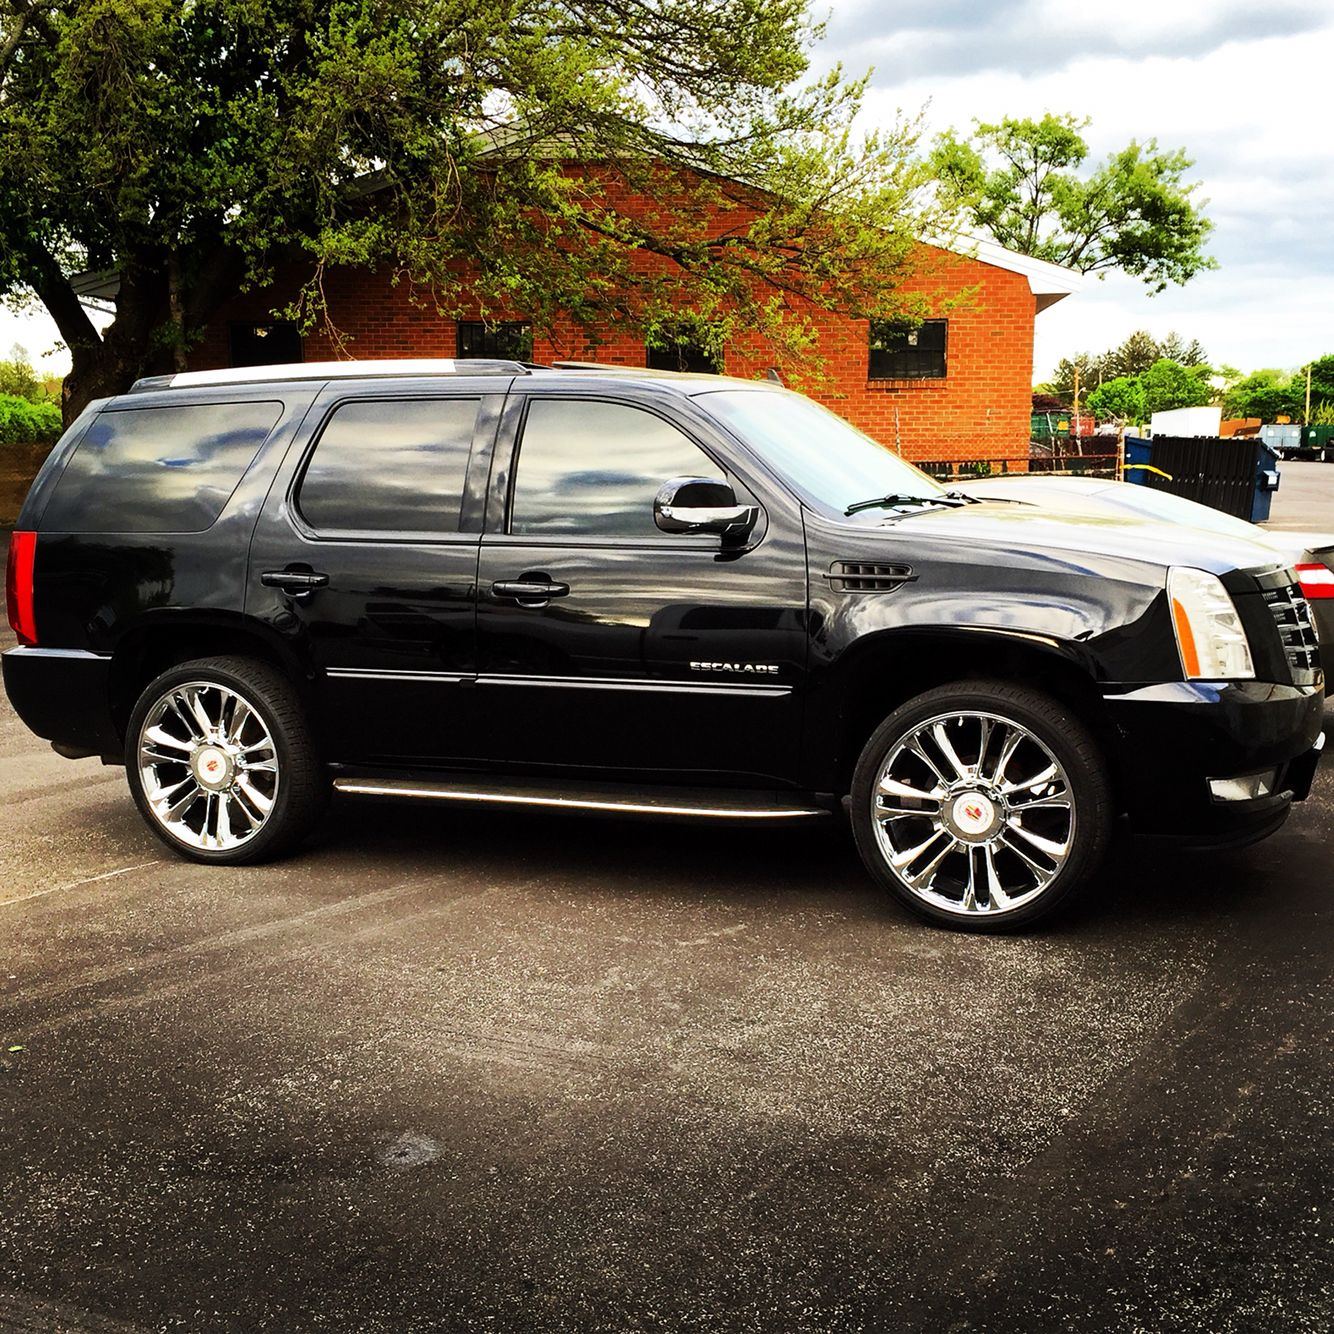 """24"""" Platinum Replicas In Chrome On A Cadillac Escalade"""